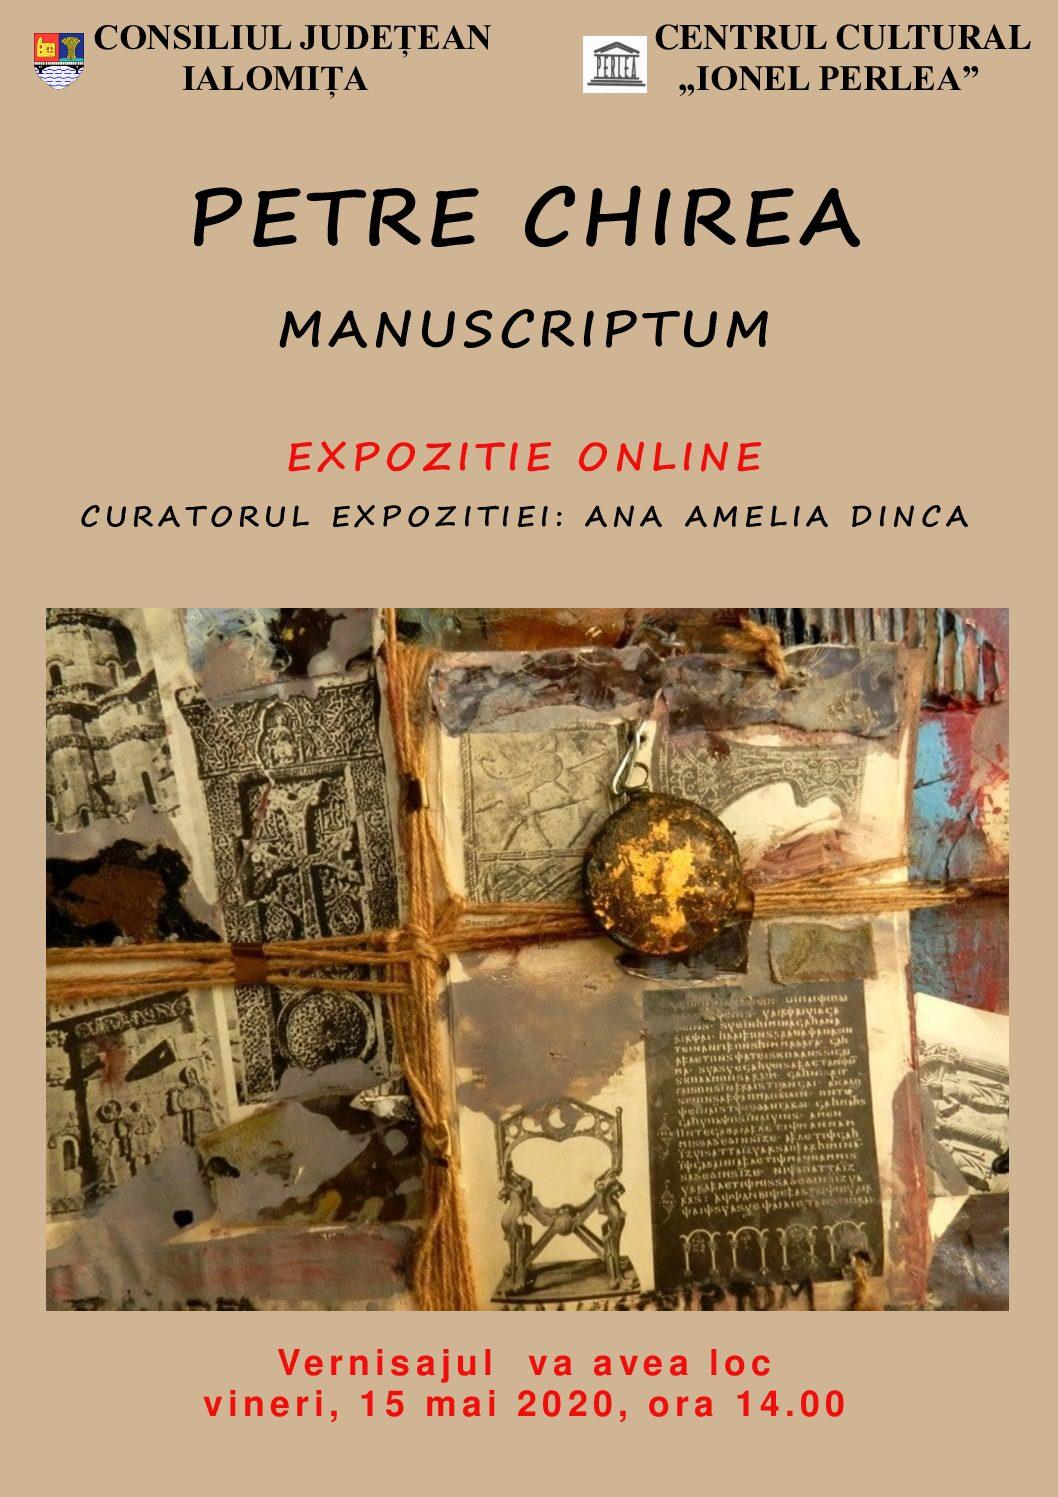 """Expoziție online – Petre Chirea ,,Manuscriptum"""", 15 mai 2020, ora:14.00"""